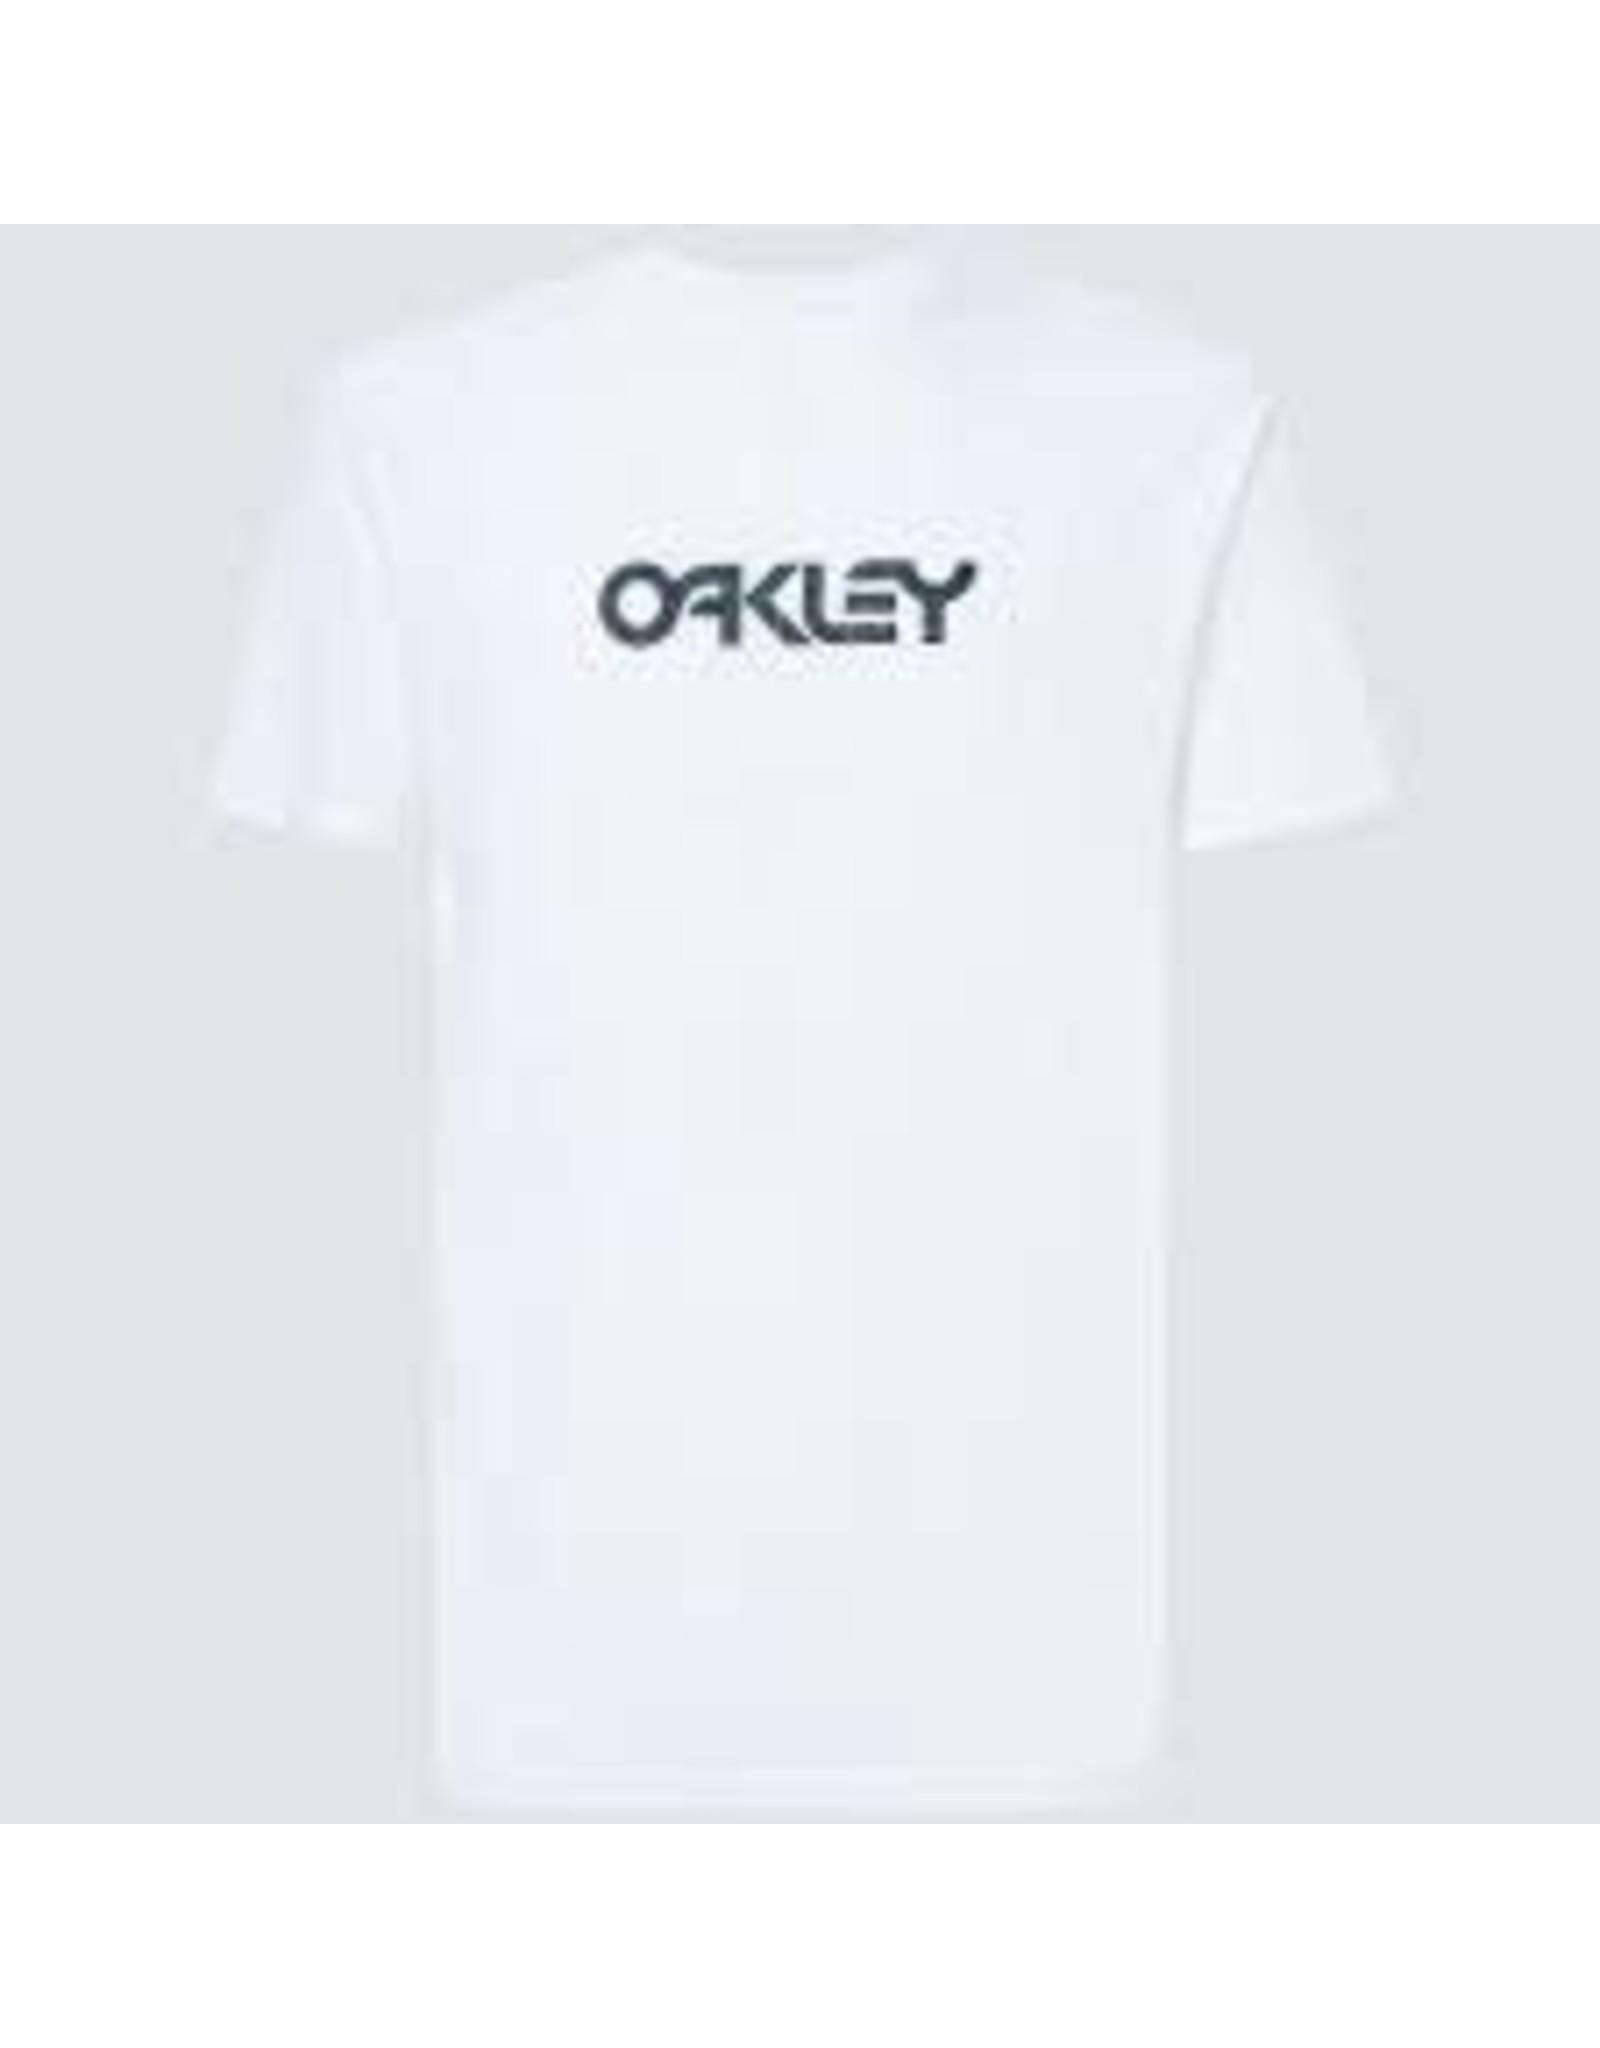 Oakley Canada Oakley - Logo Tee White L